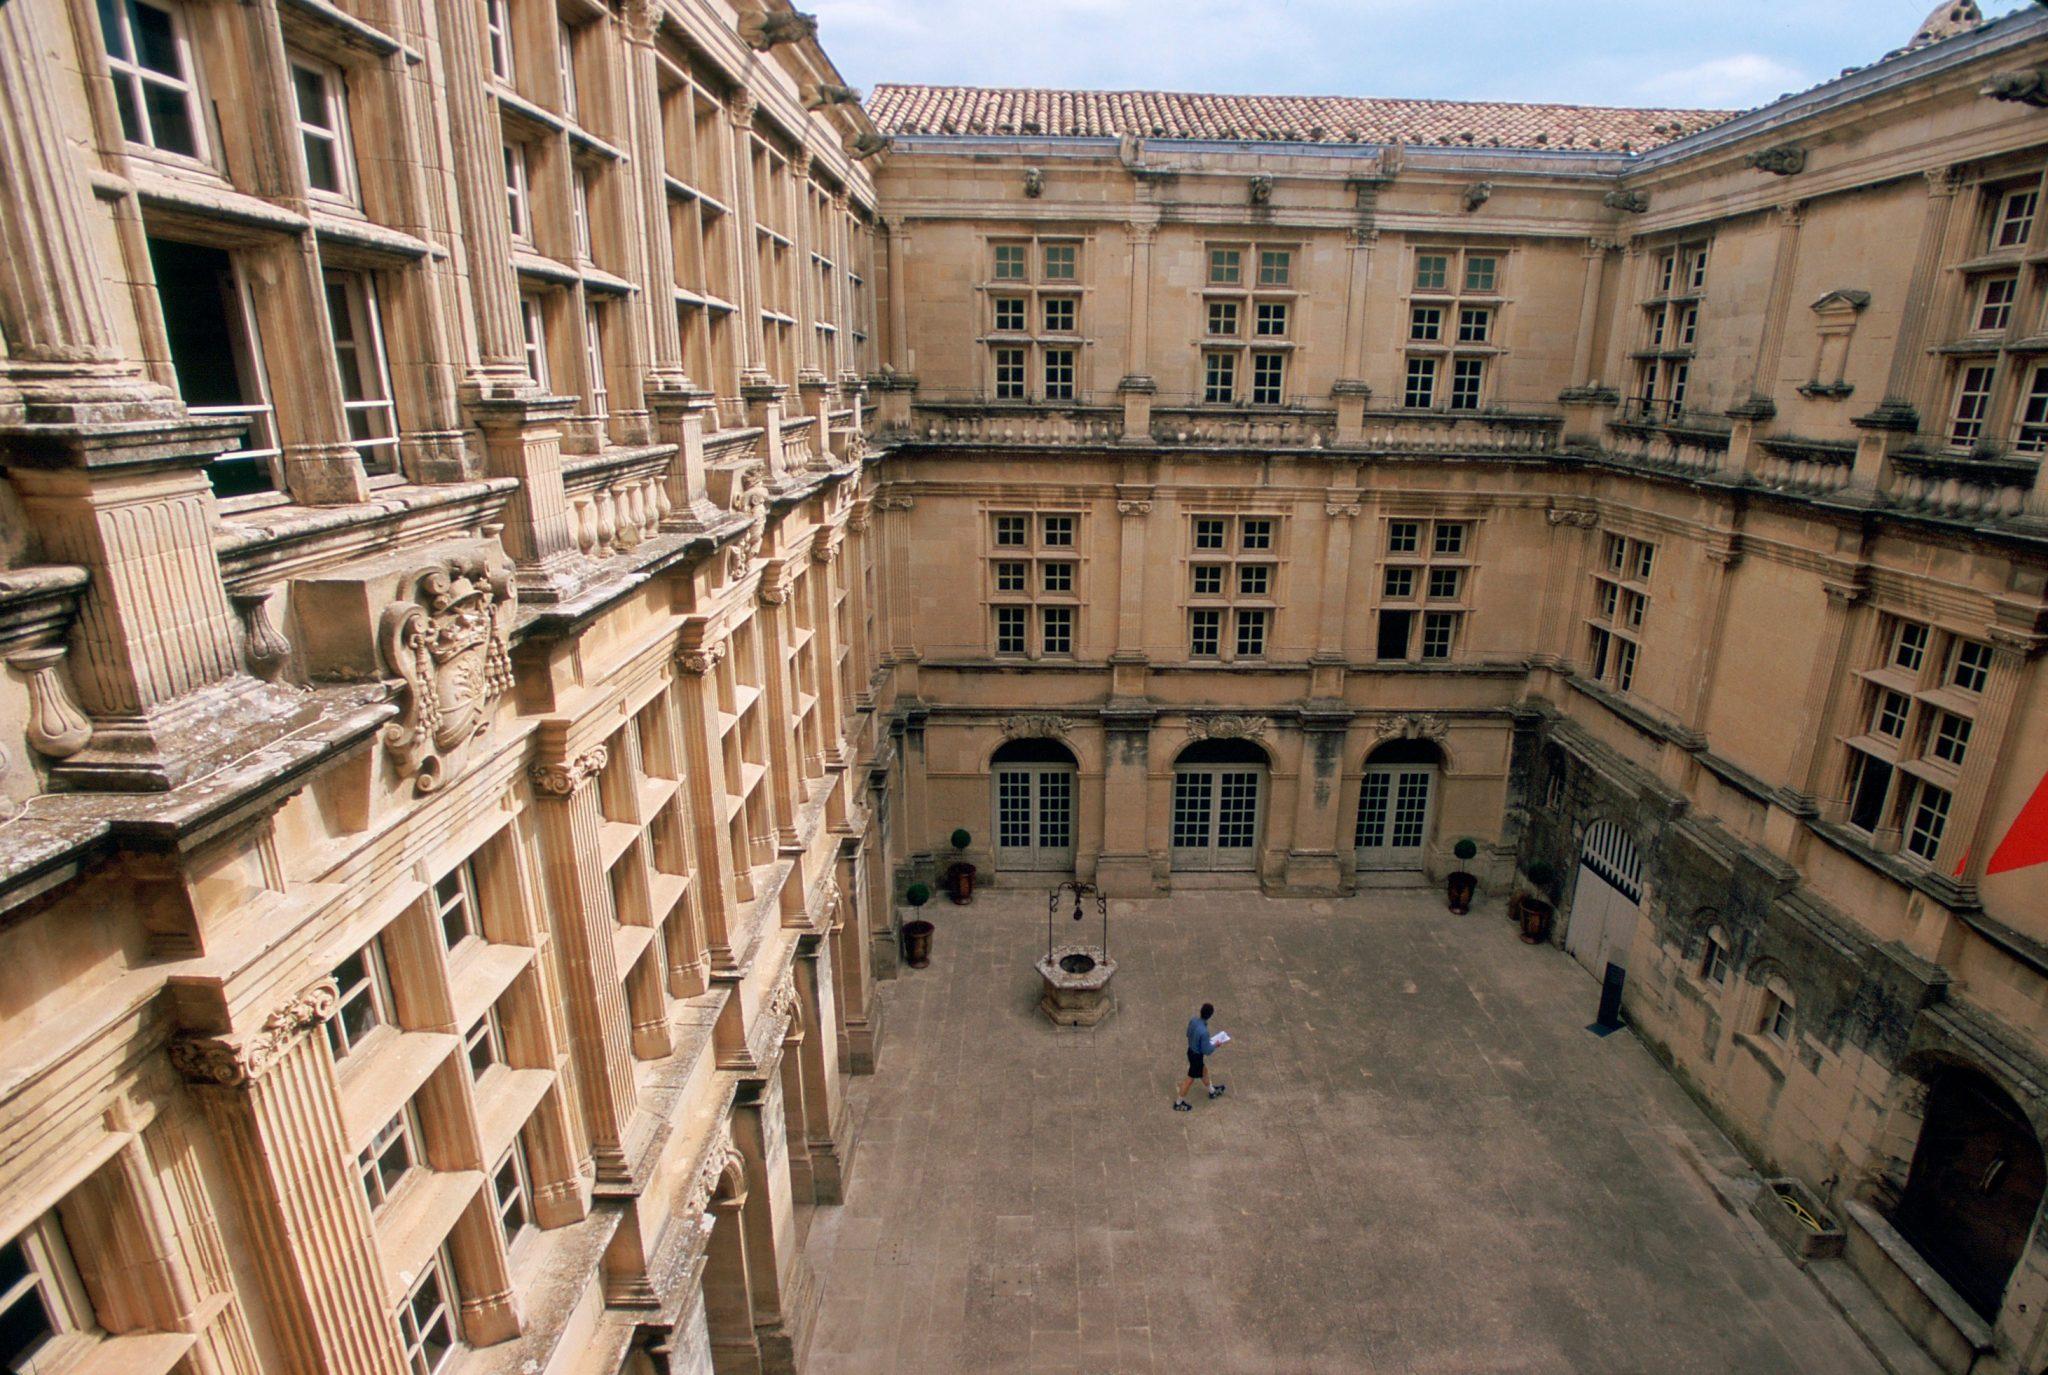 Université du vin - Château de Suze-la-Rousse - Drôme Provençale